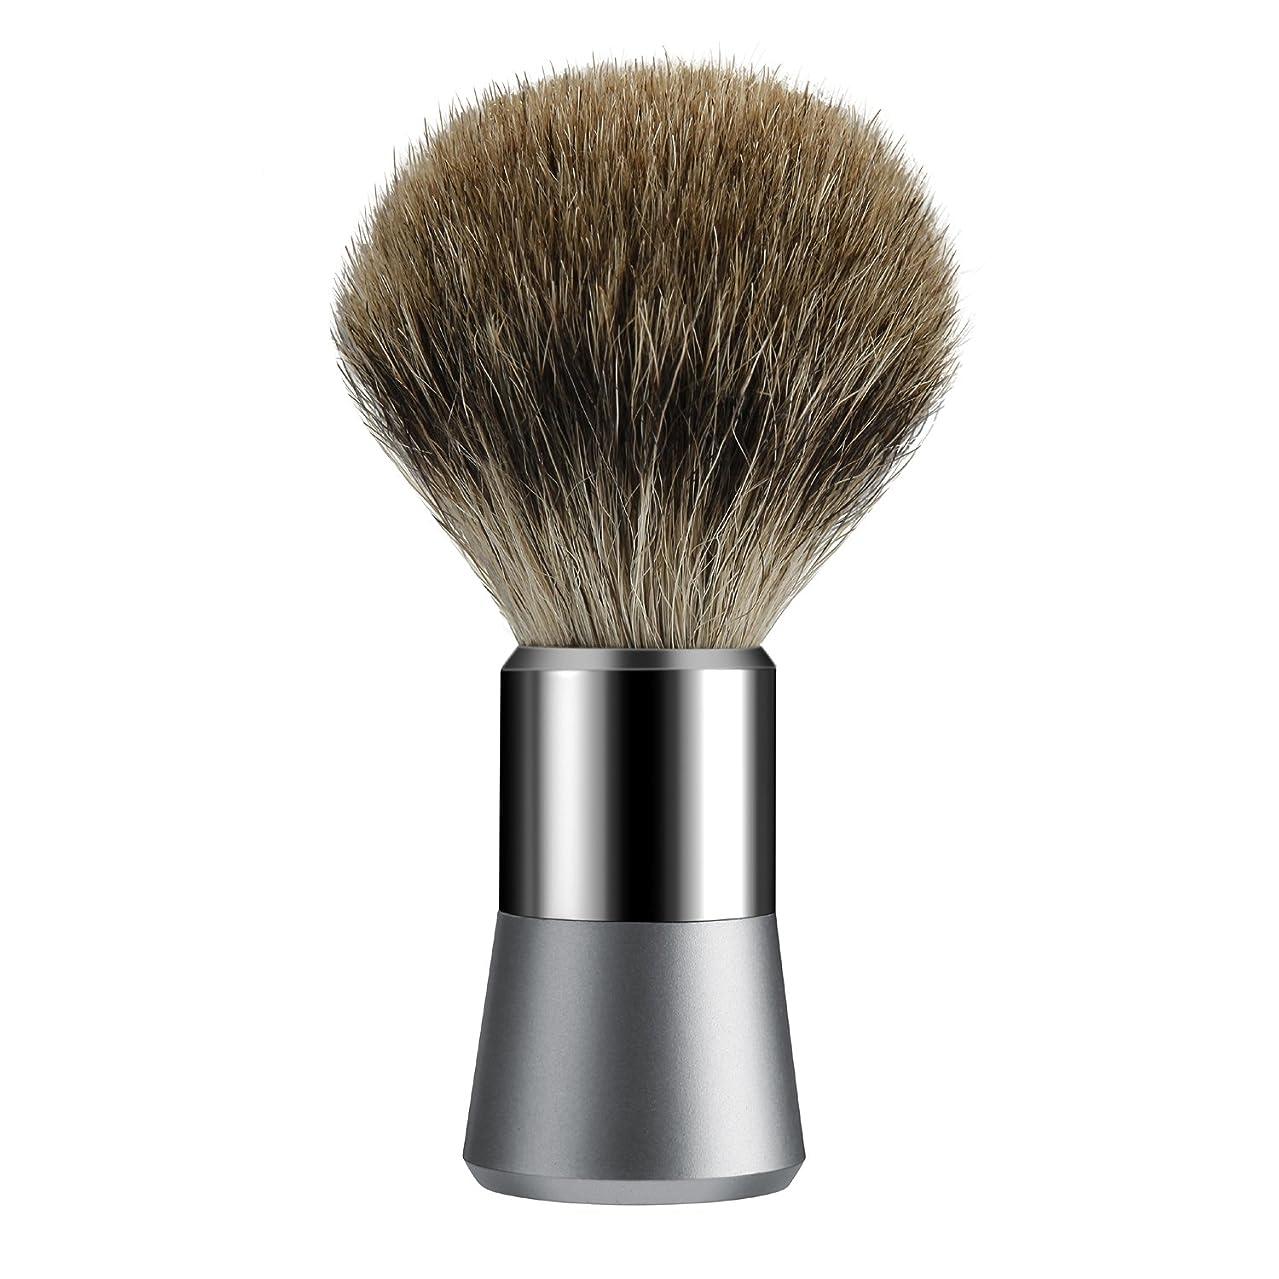 リボン診療所ベットTezam シェービング ブラシ, シェービングブラシ アナグマの毛 100%, クロームハンドル